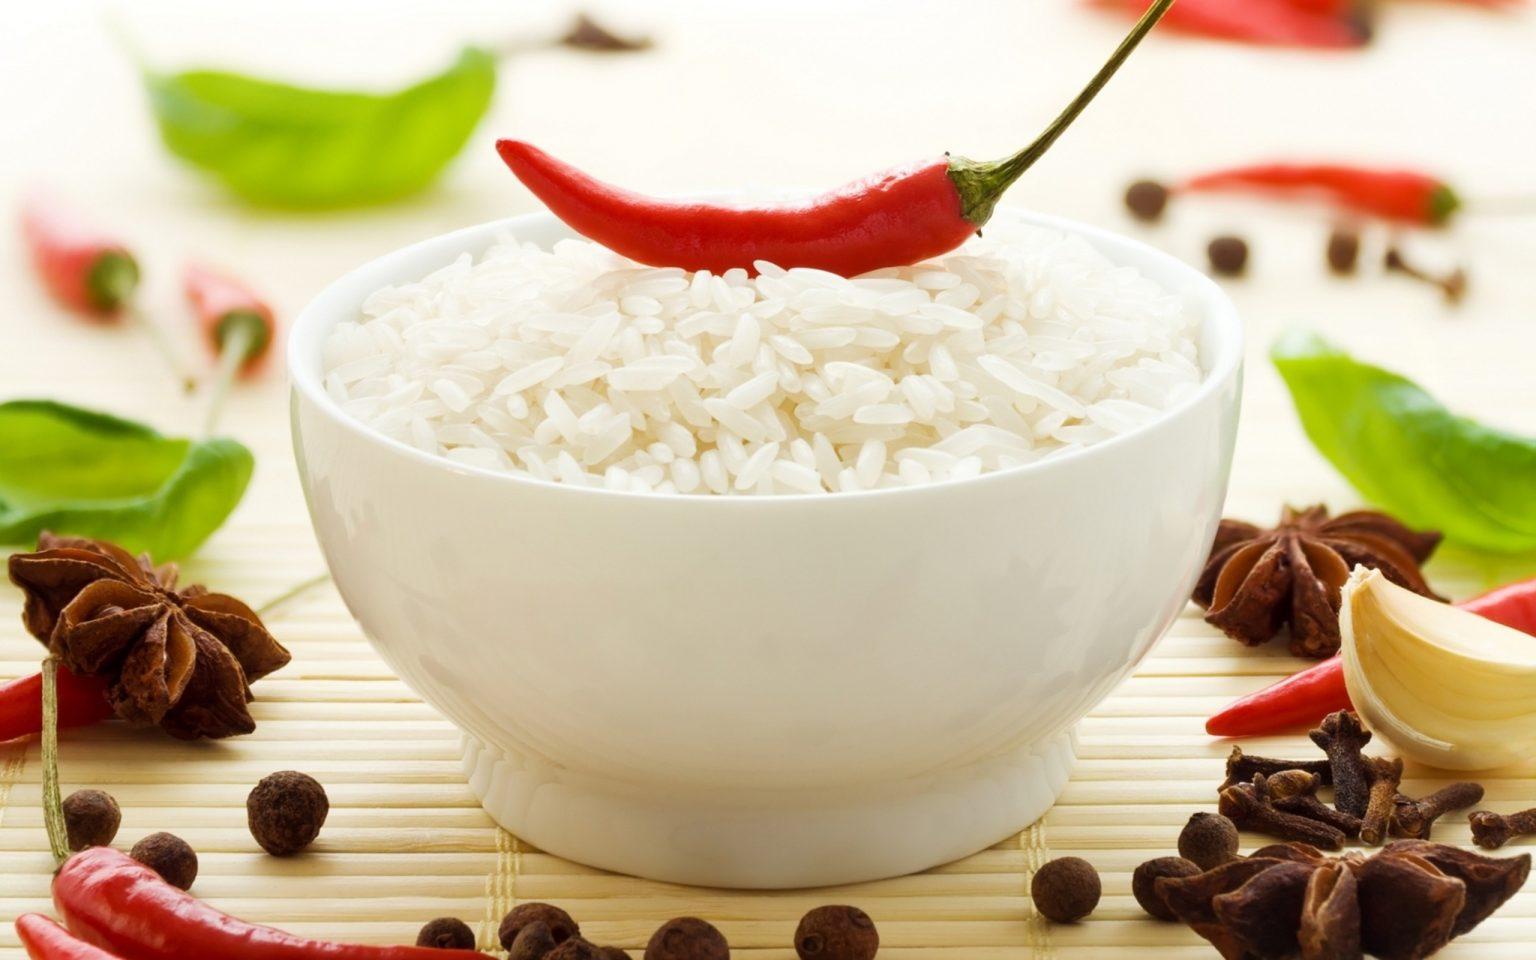 Хорошая Рисовая Диета. Рисовая диета